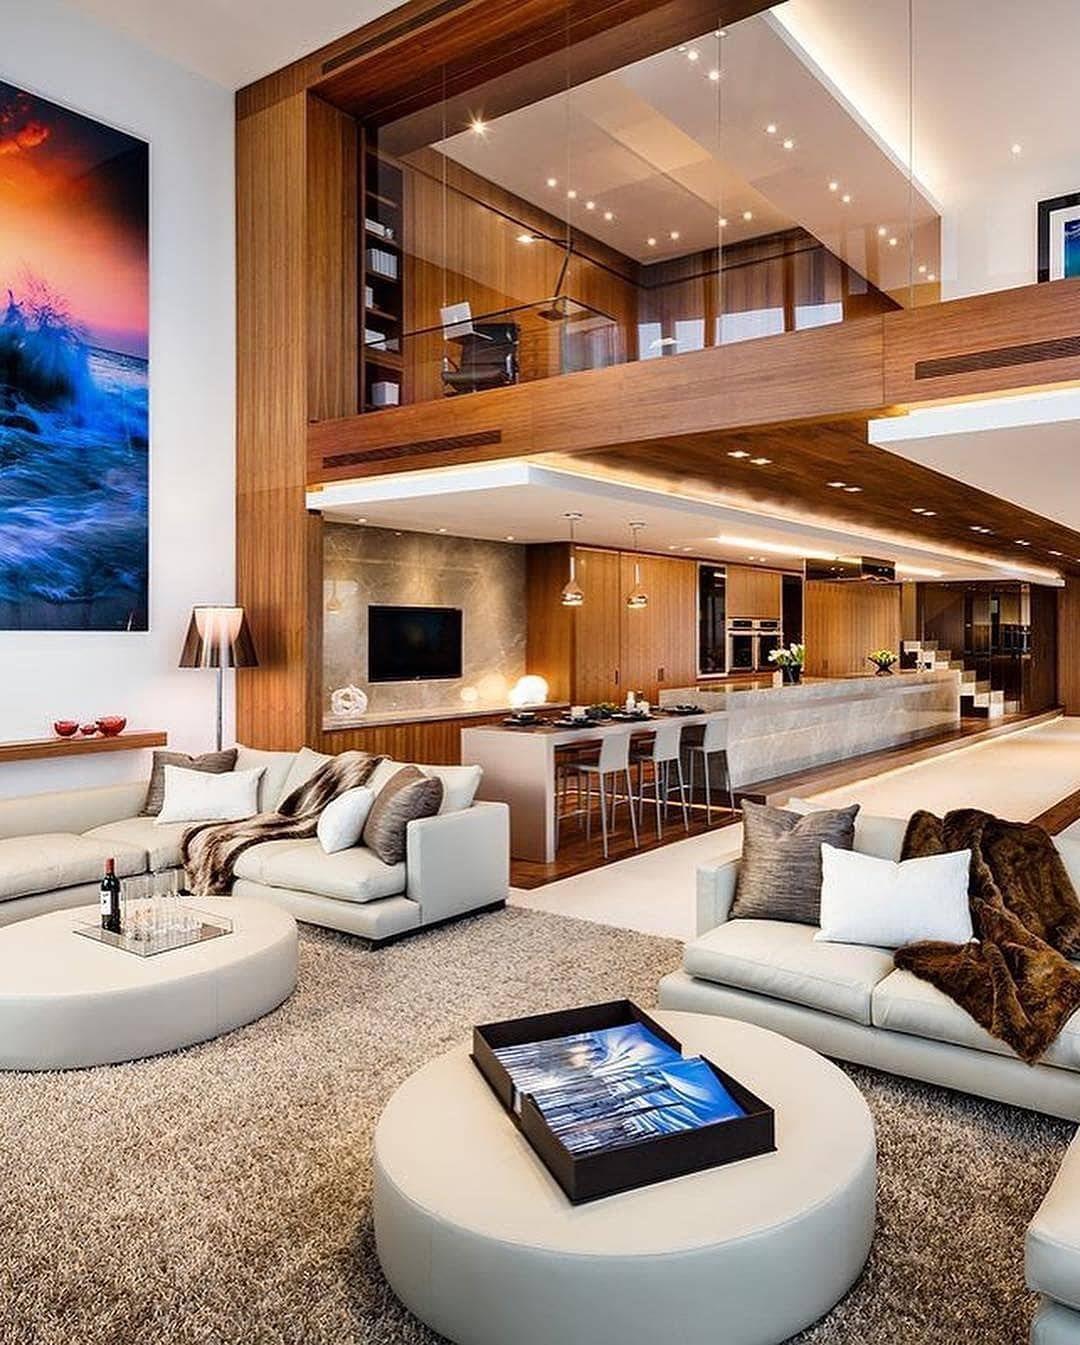 Millionnaire Lfe Style Vis Ta Vie Comme Un Reve Millionnaire Lifestyle Entrepreneur Casas Luxuosas Sala De Luxo Casa De Arquitetura